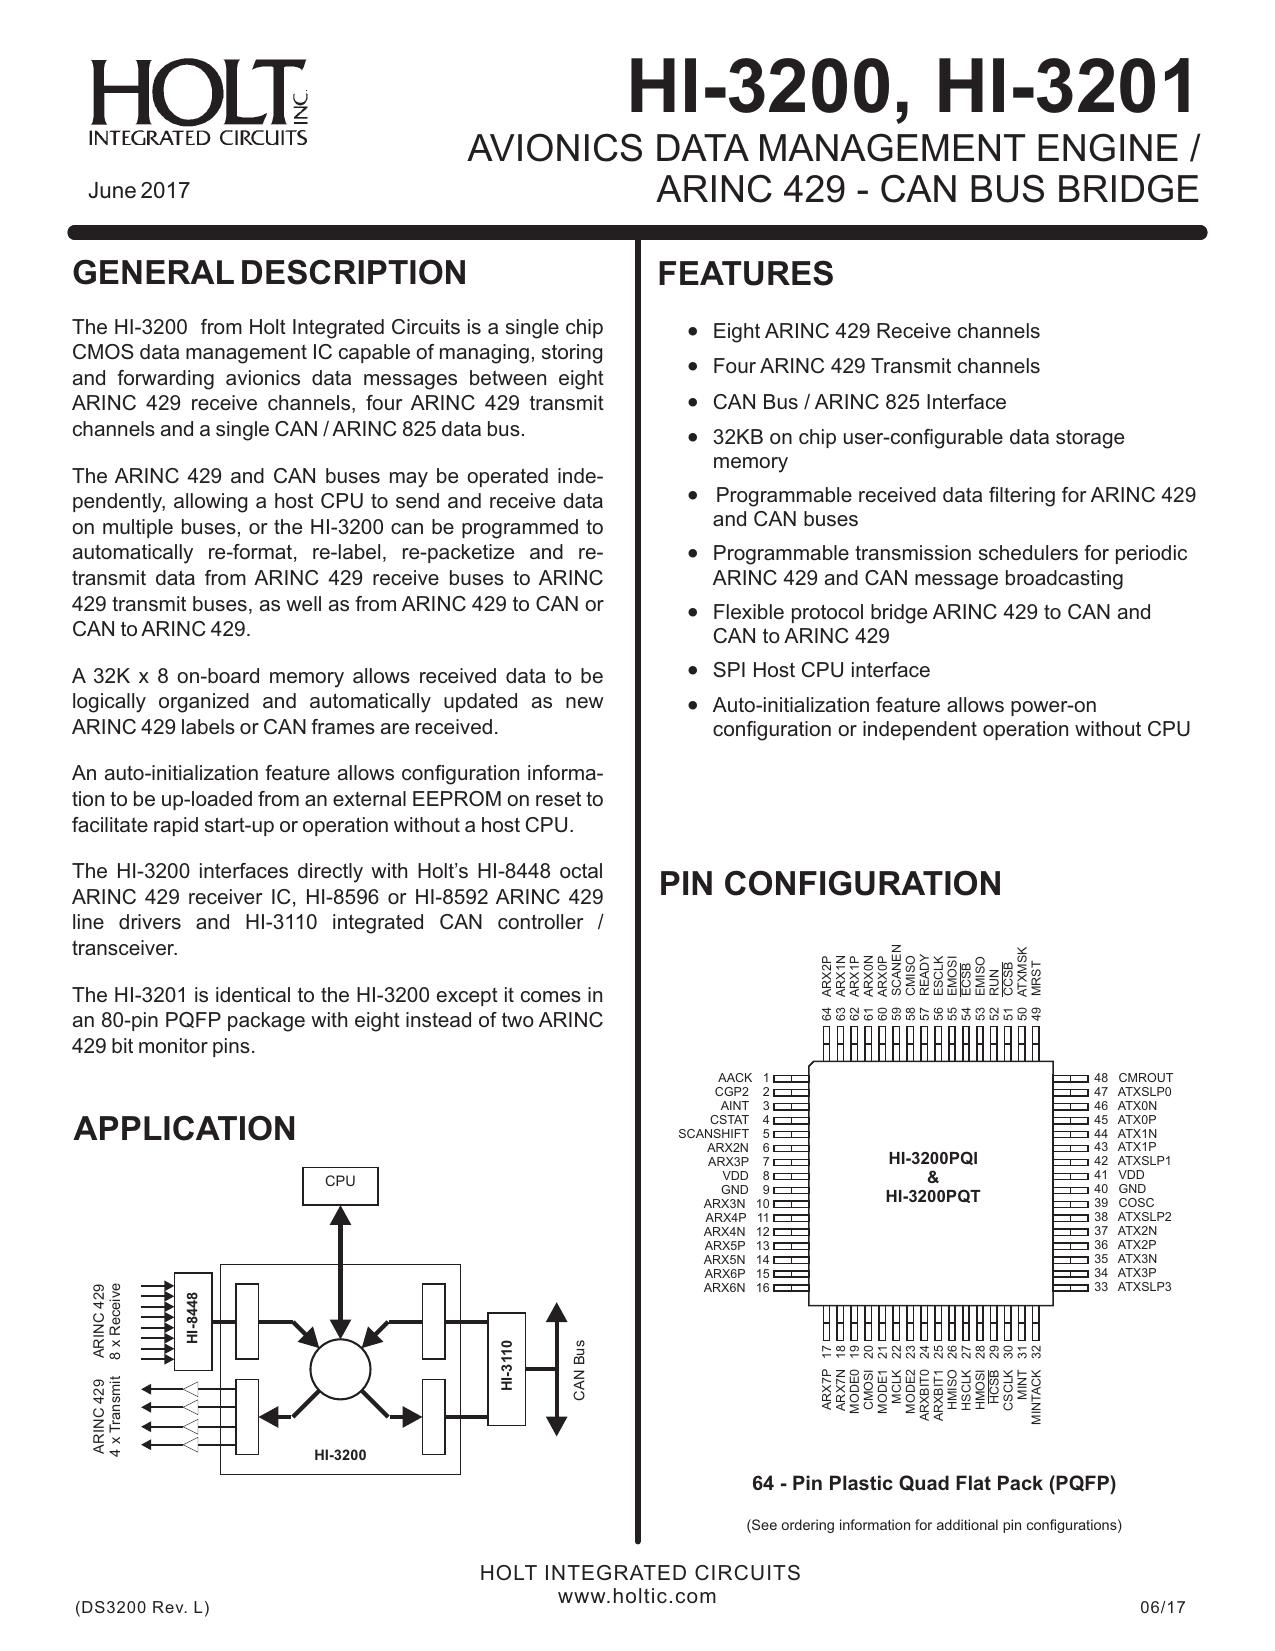 can bus wiring arinc 825 hi 3200  hi 3201 holt integrated circuits manualzz  hi 3200  hi 3201 holt integrated